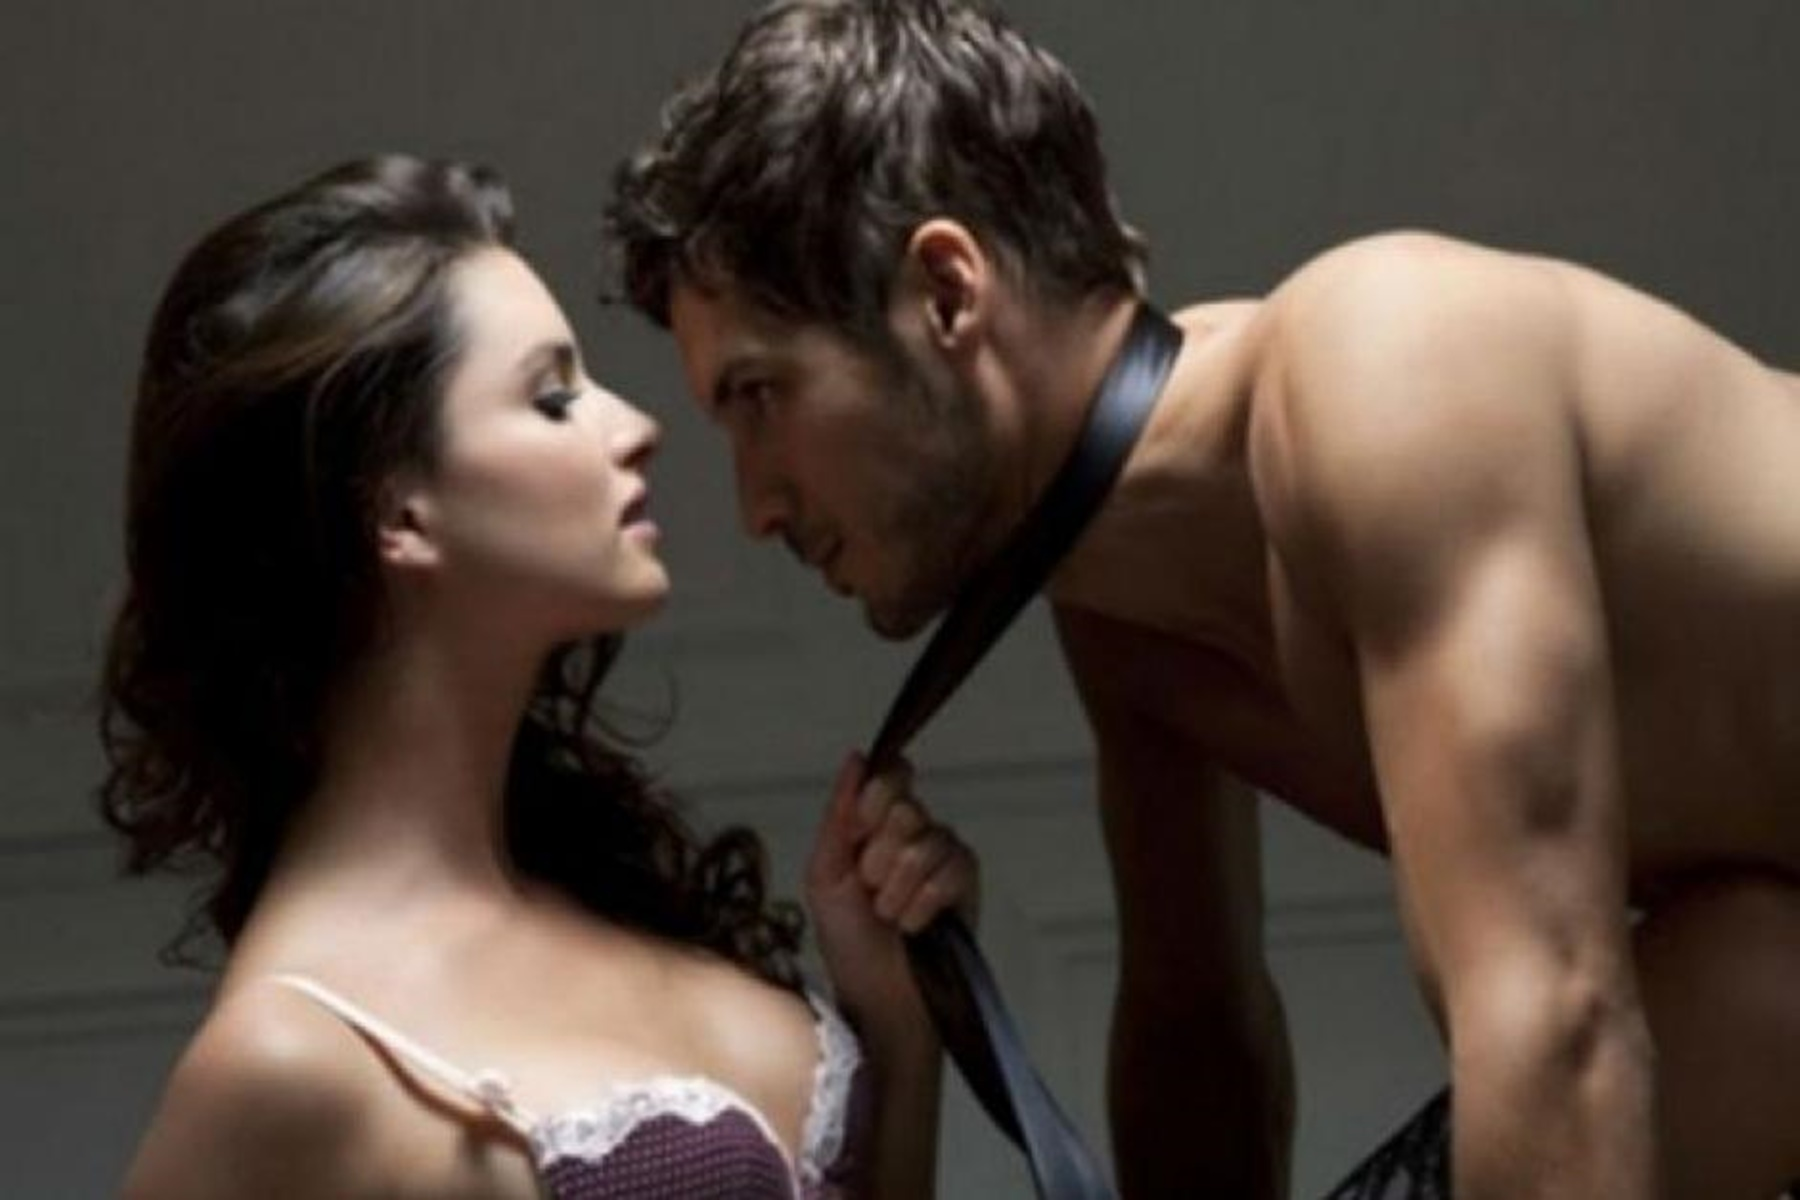 Ανεσταλμένη σεξουαλική επιθυμία : Οι παράγοντες που την προκαλούν